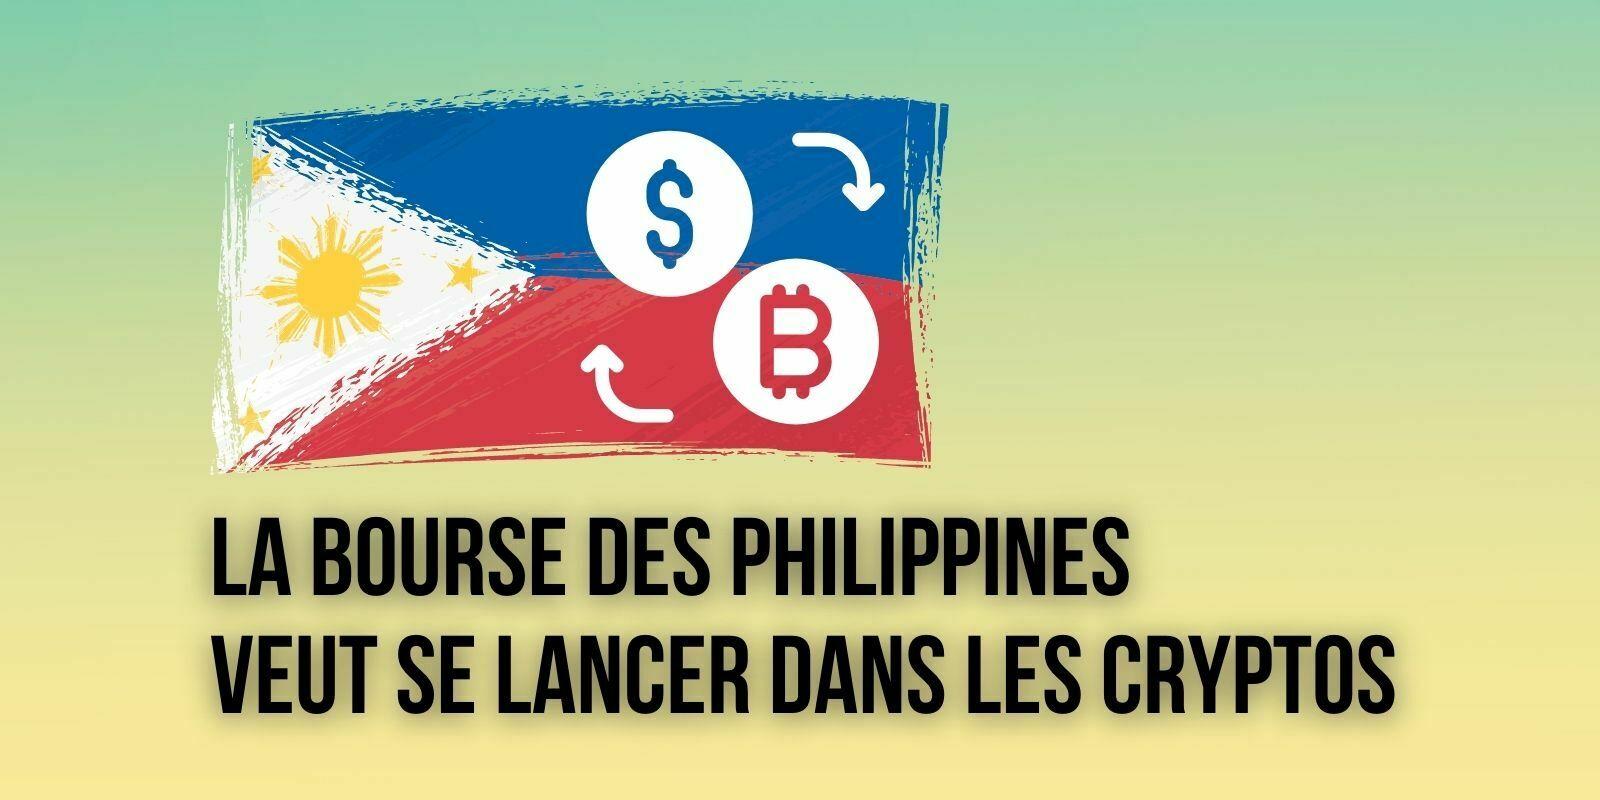 La Bourse des Philippines veut lancer un service de trading de cryptomonnaies